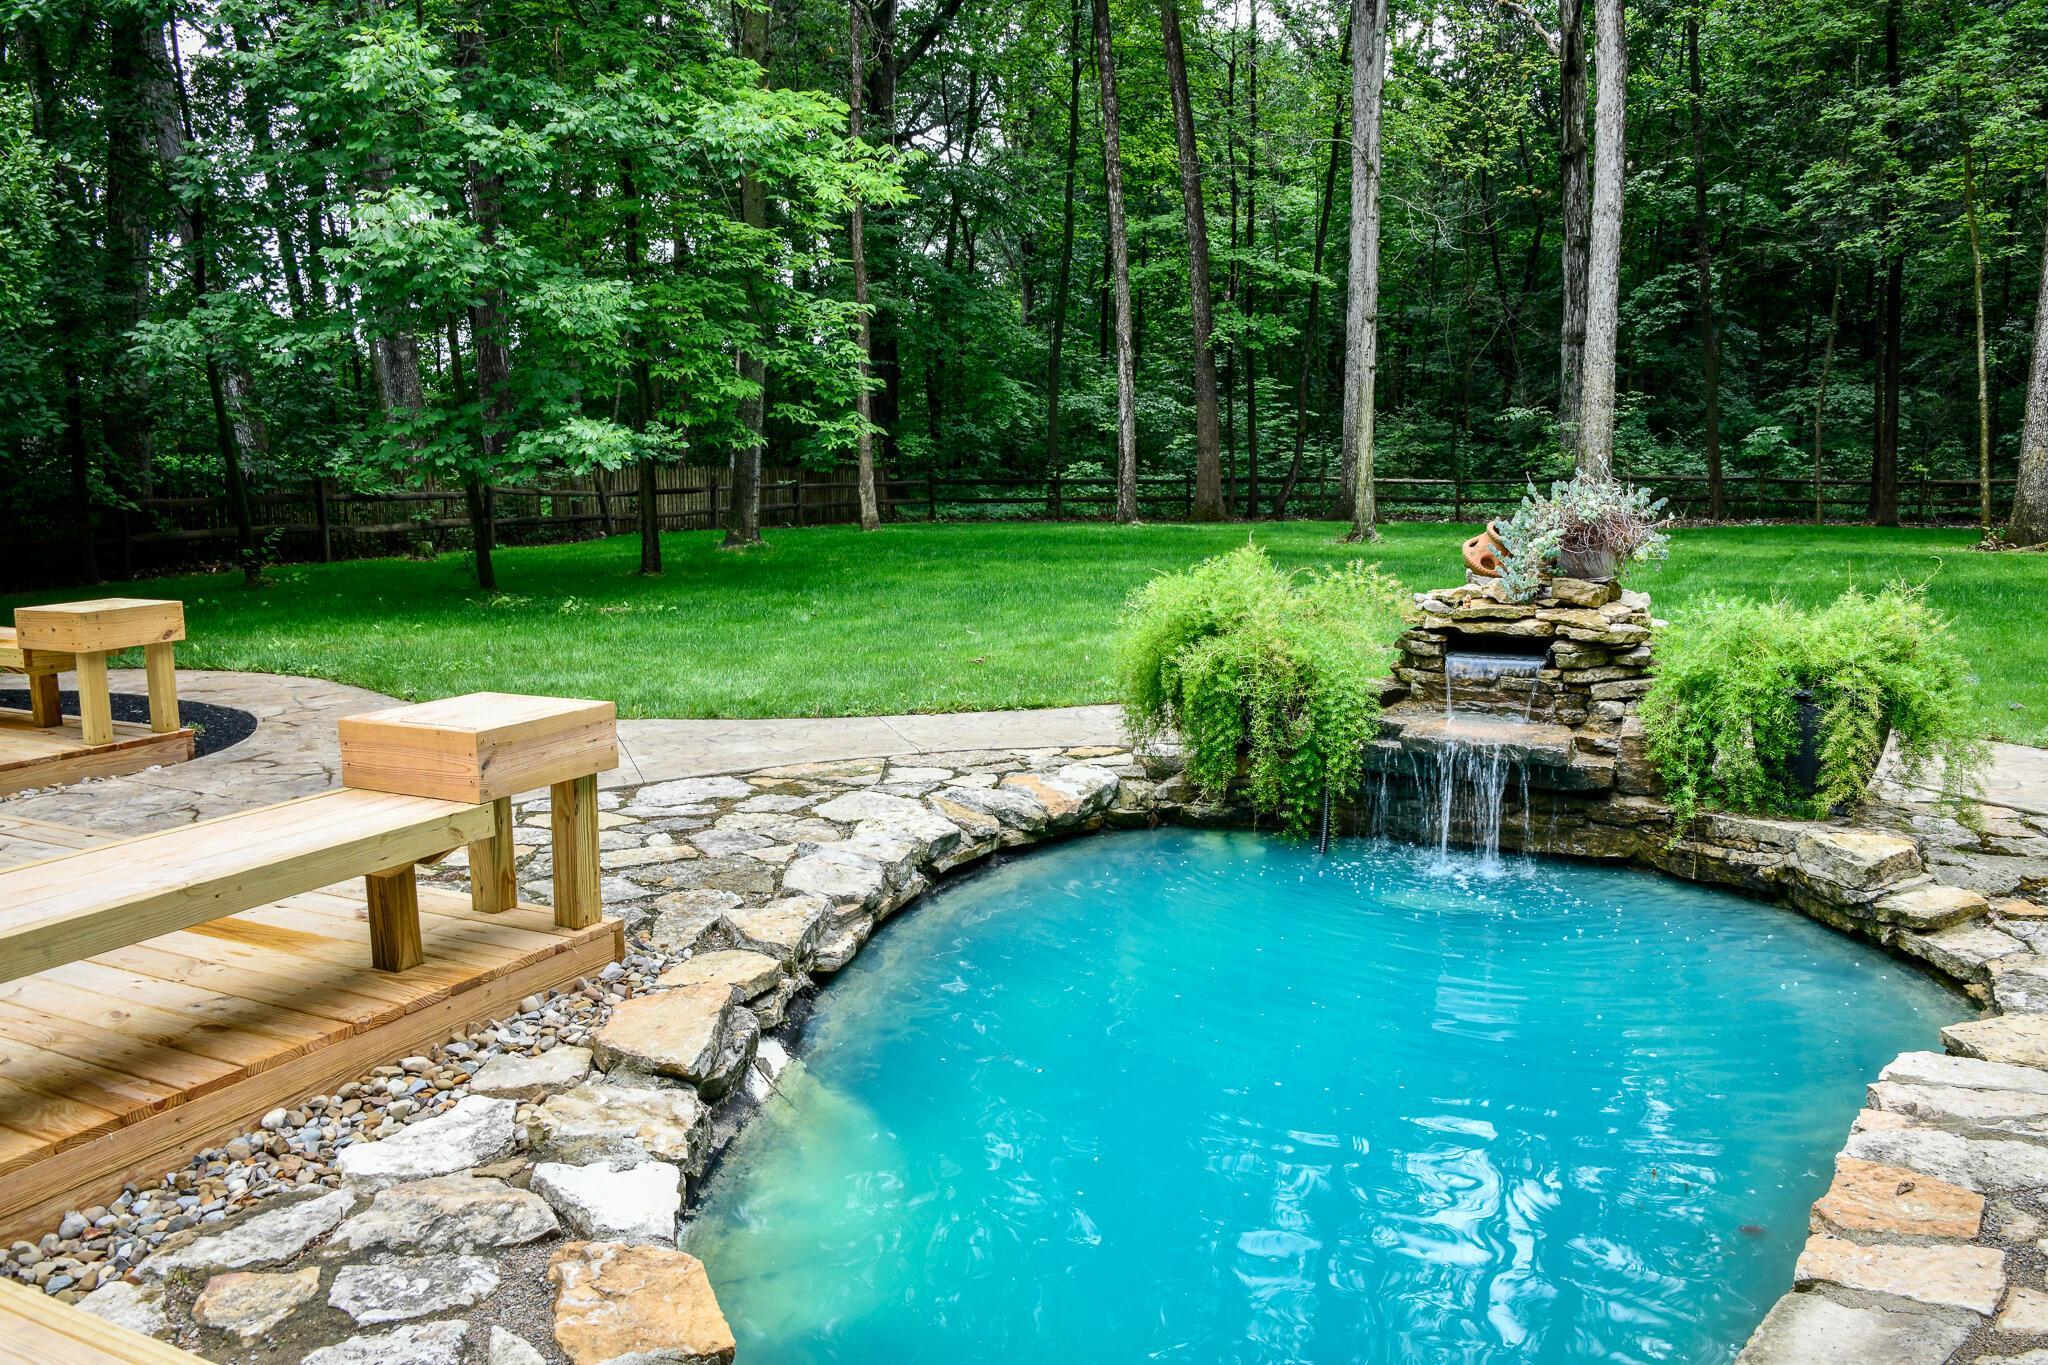 Koi Pond with Fountain